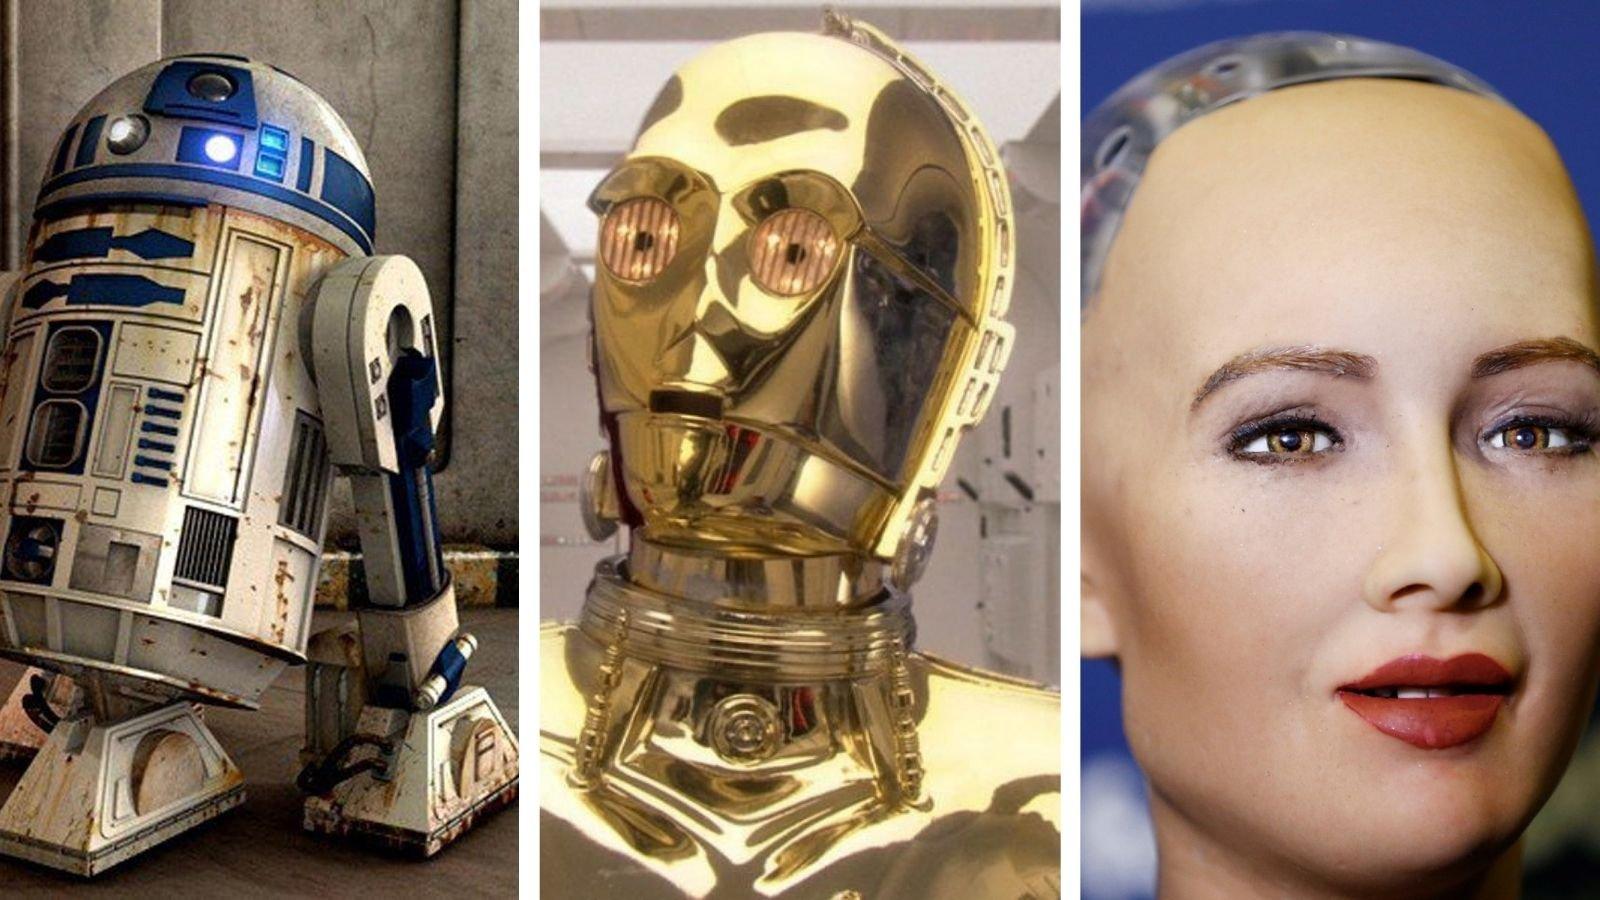 Comparativa del valle inquietante entre R2-D2, C-3PO y Sophia